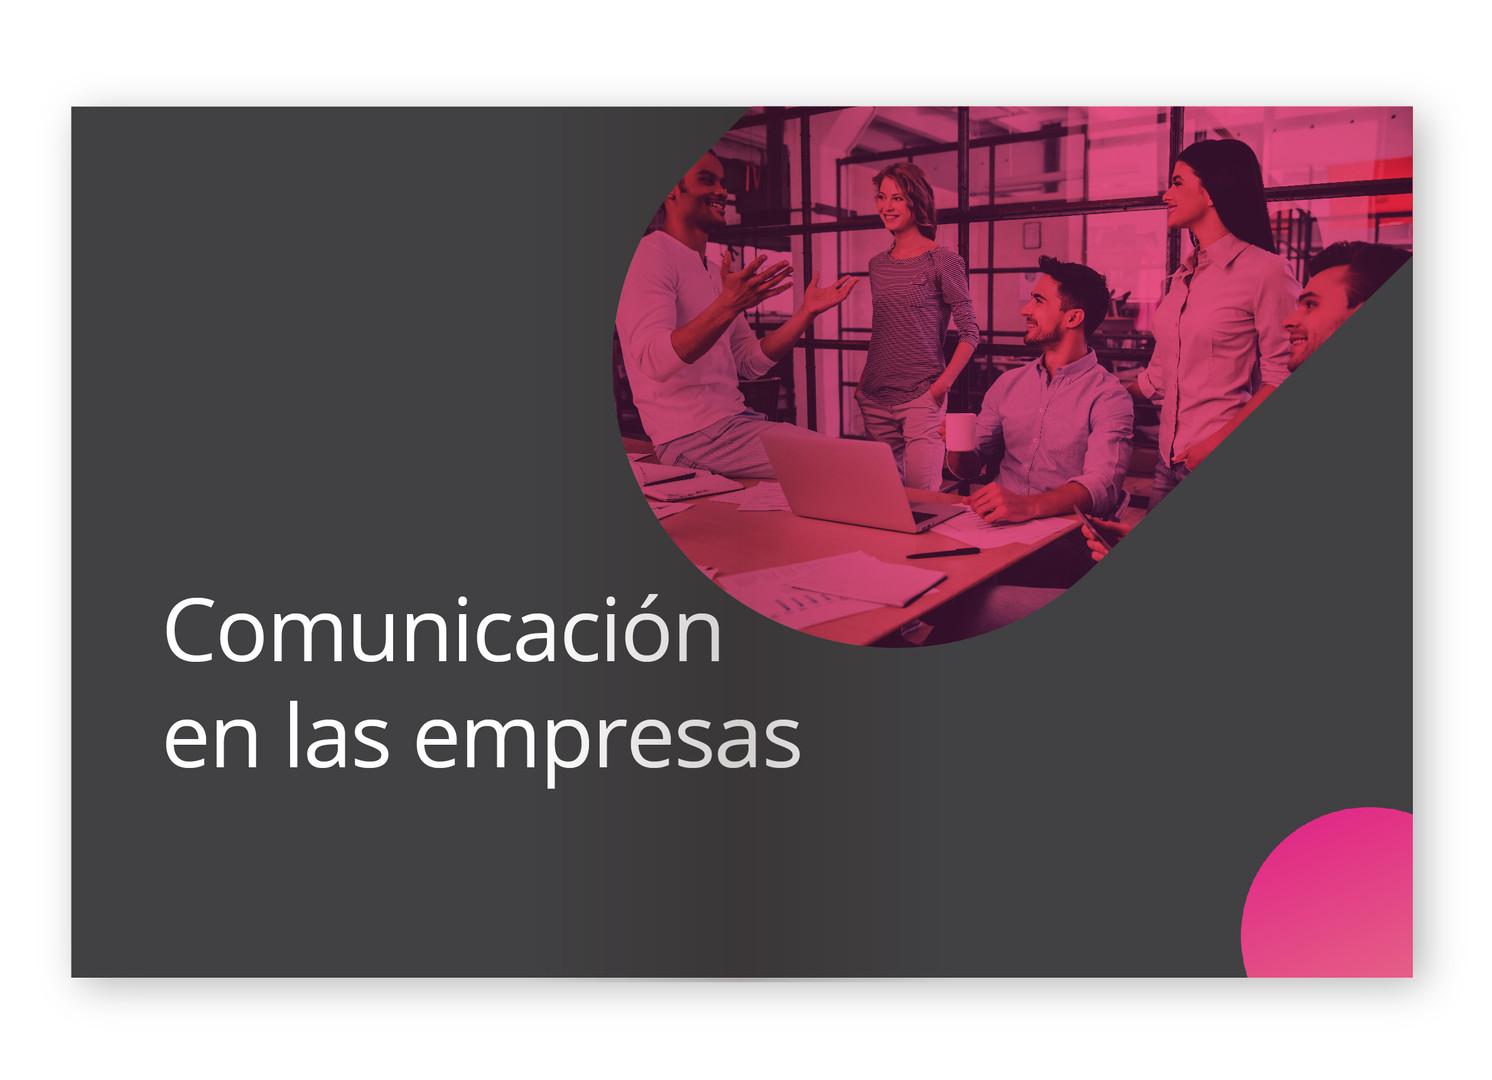 Comunicación_en_las_empresas.jpg